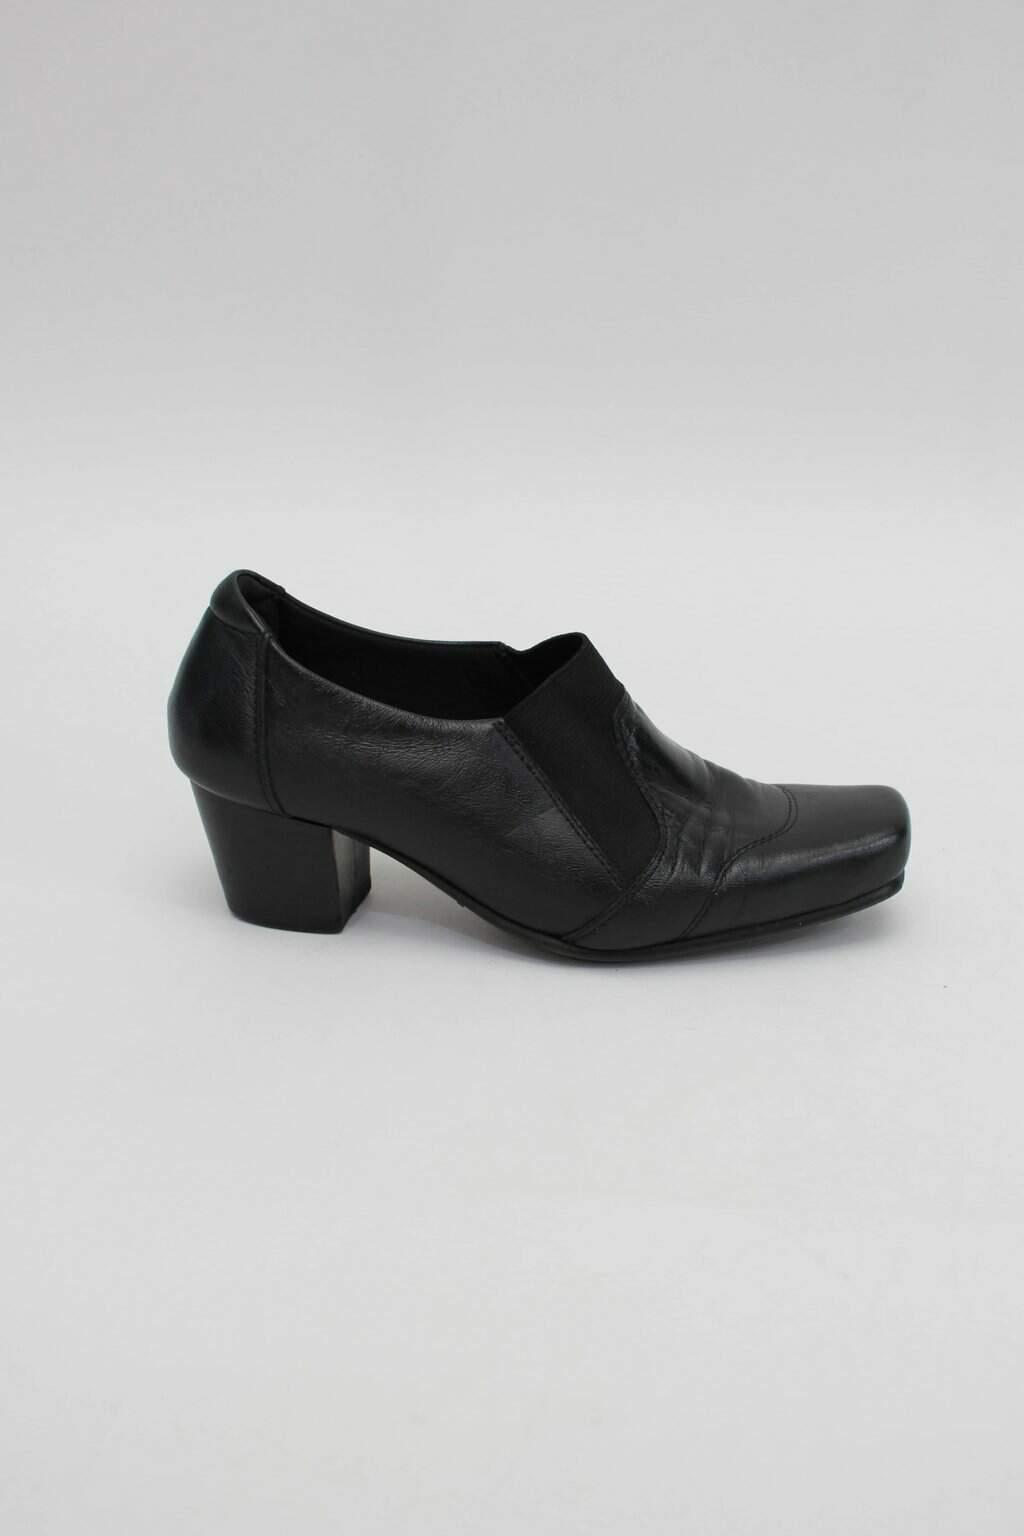 Sapato cas feminino preto